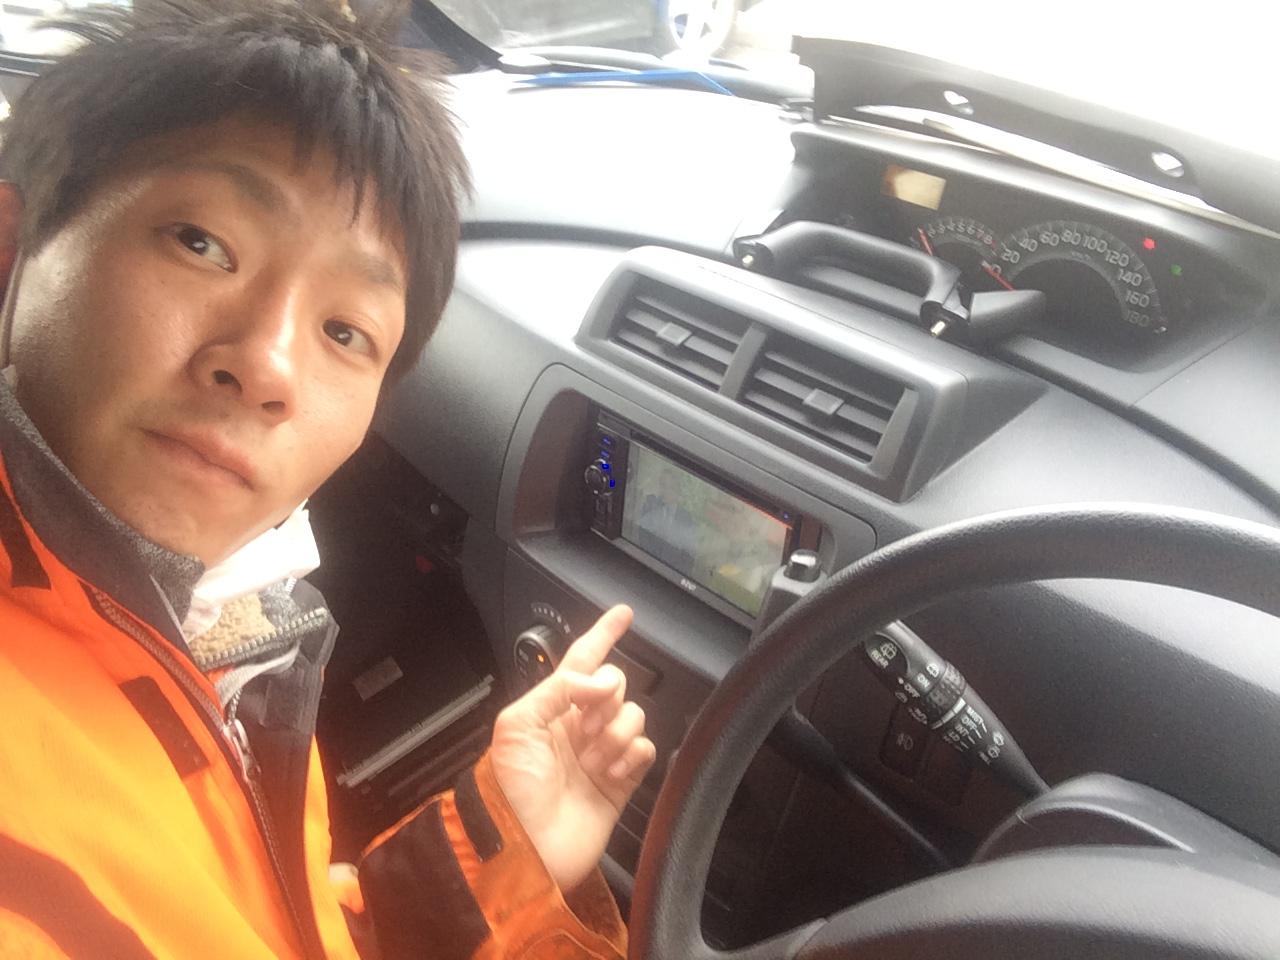 3月17日(火)トミーアウトレット☆BMW640iご成約!U様バックオーダー☆軽自動車☆コンパクトカー☆_b0127002_20262666.jpg